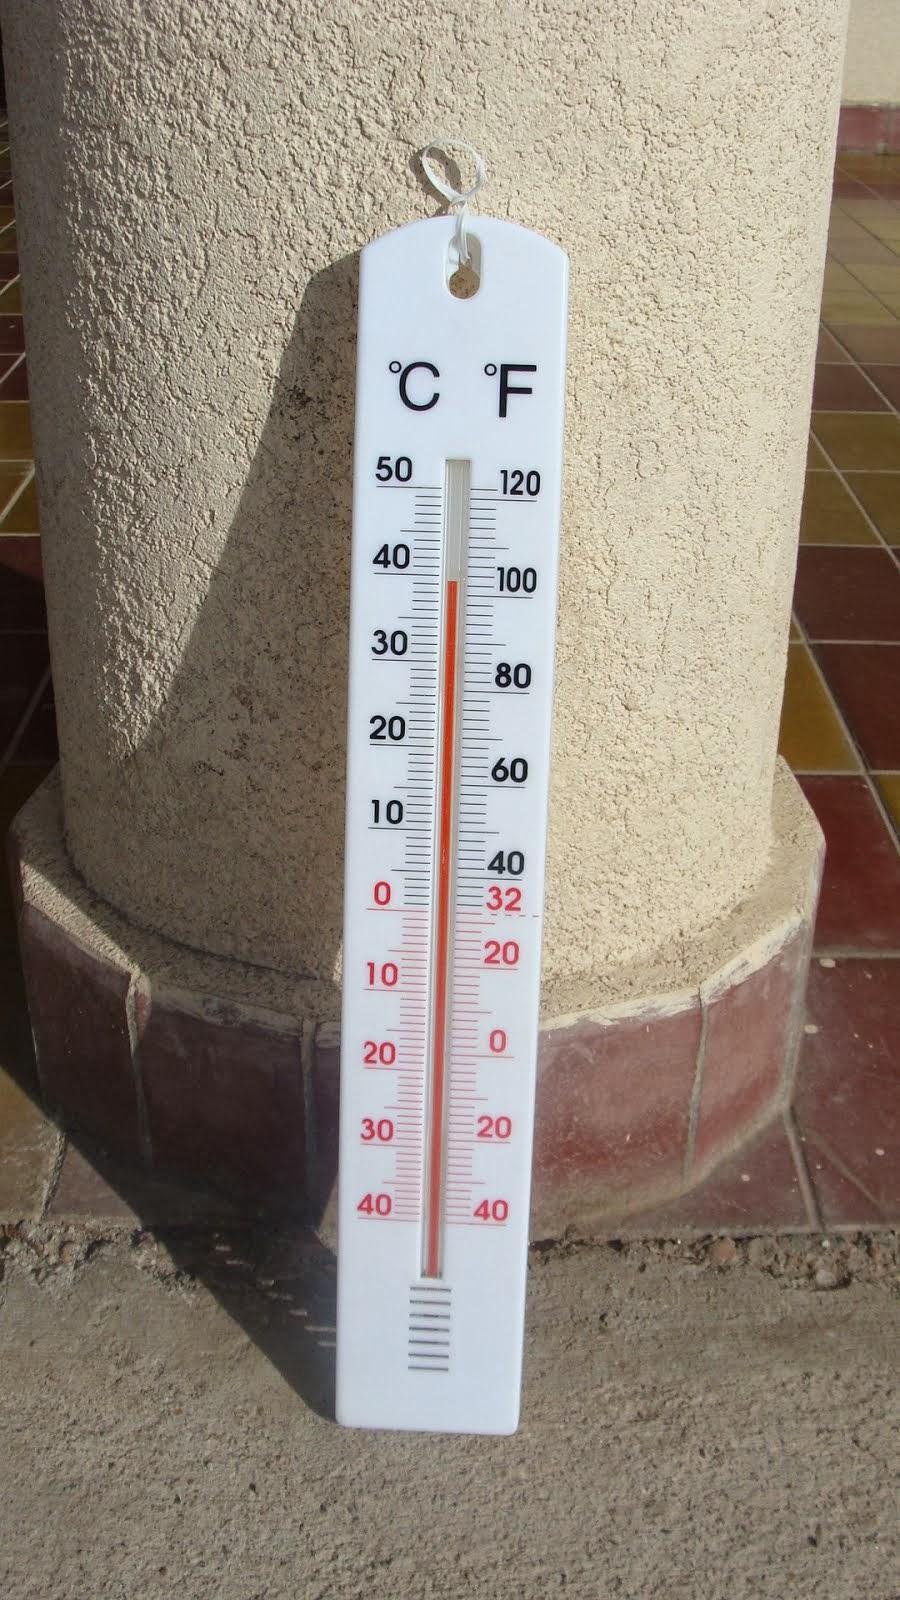 EL TERMÓMETRO MARCÓ 39°C ...